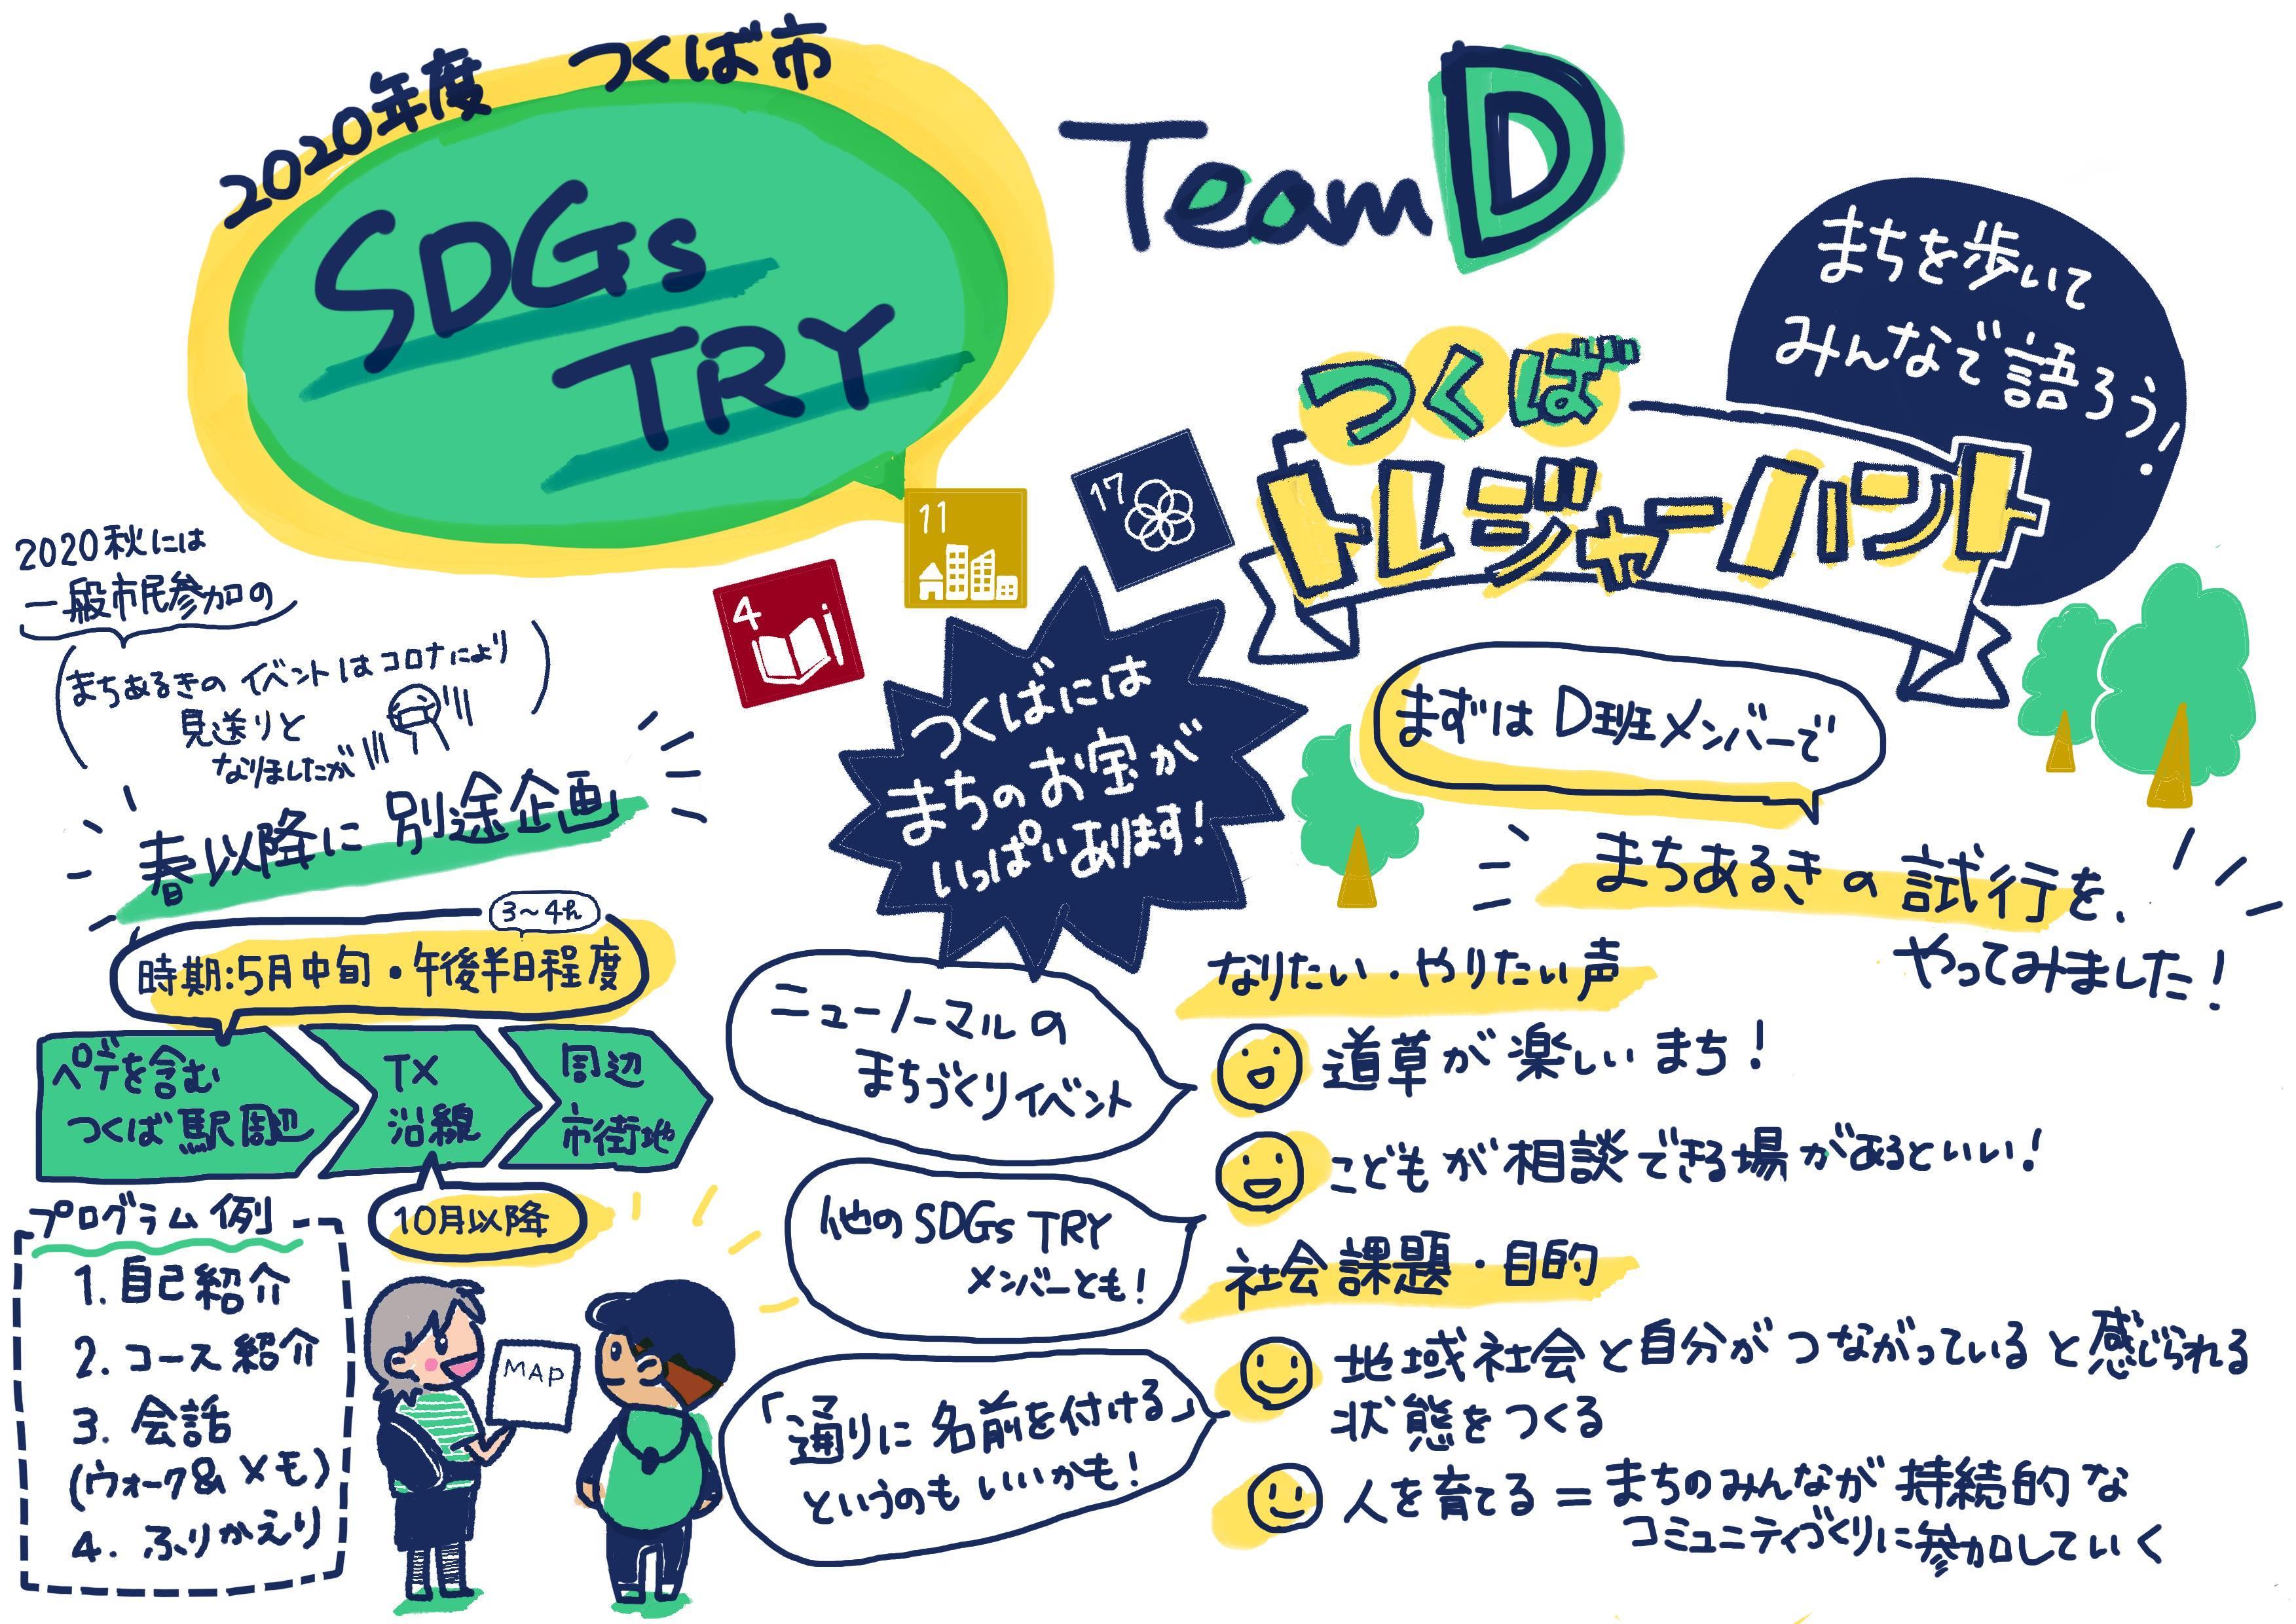 SDGsTRY D班(2021年2月13日)